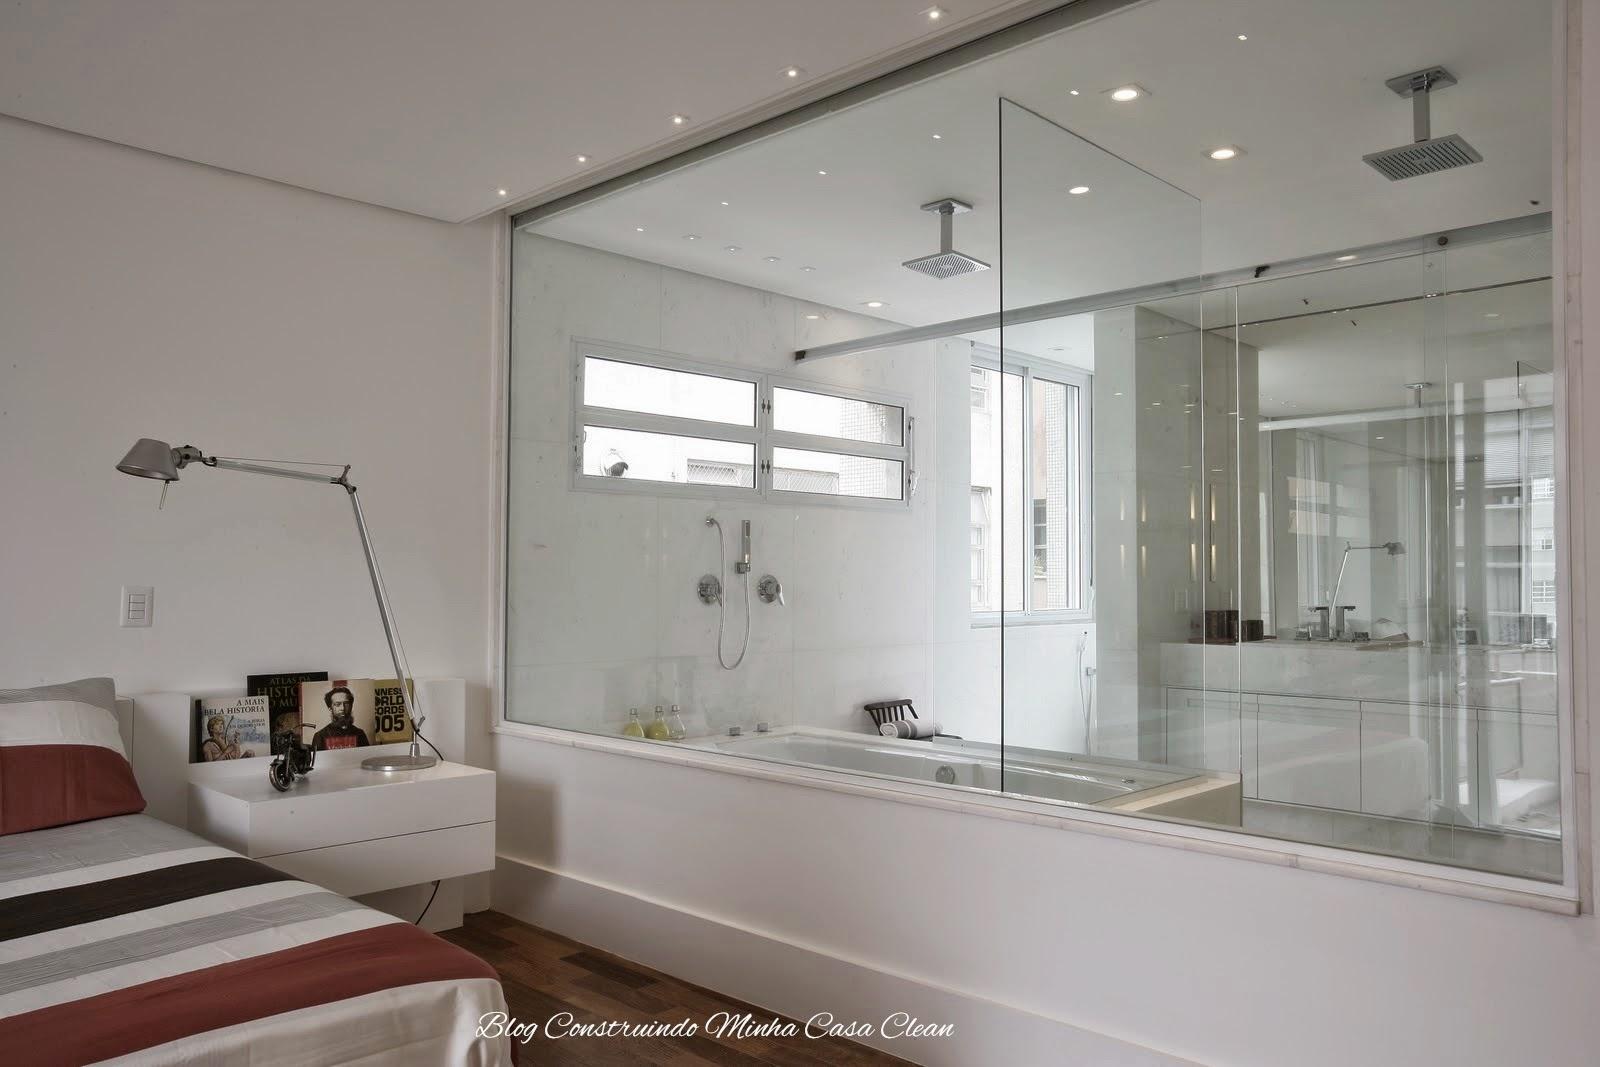 Minha Casa Clean: Quartos Integrados com Banheiros de Vidros #402C23 1600x1067 Banheiro Com Banheira E Tv